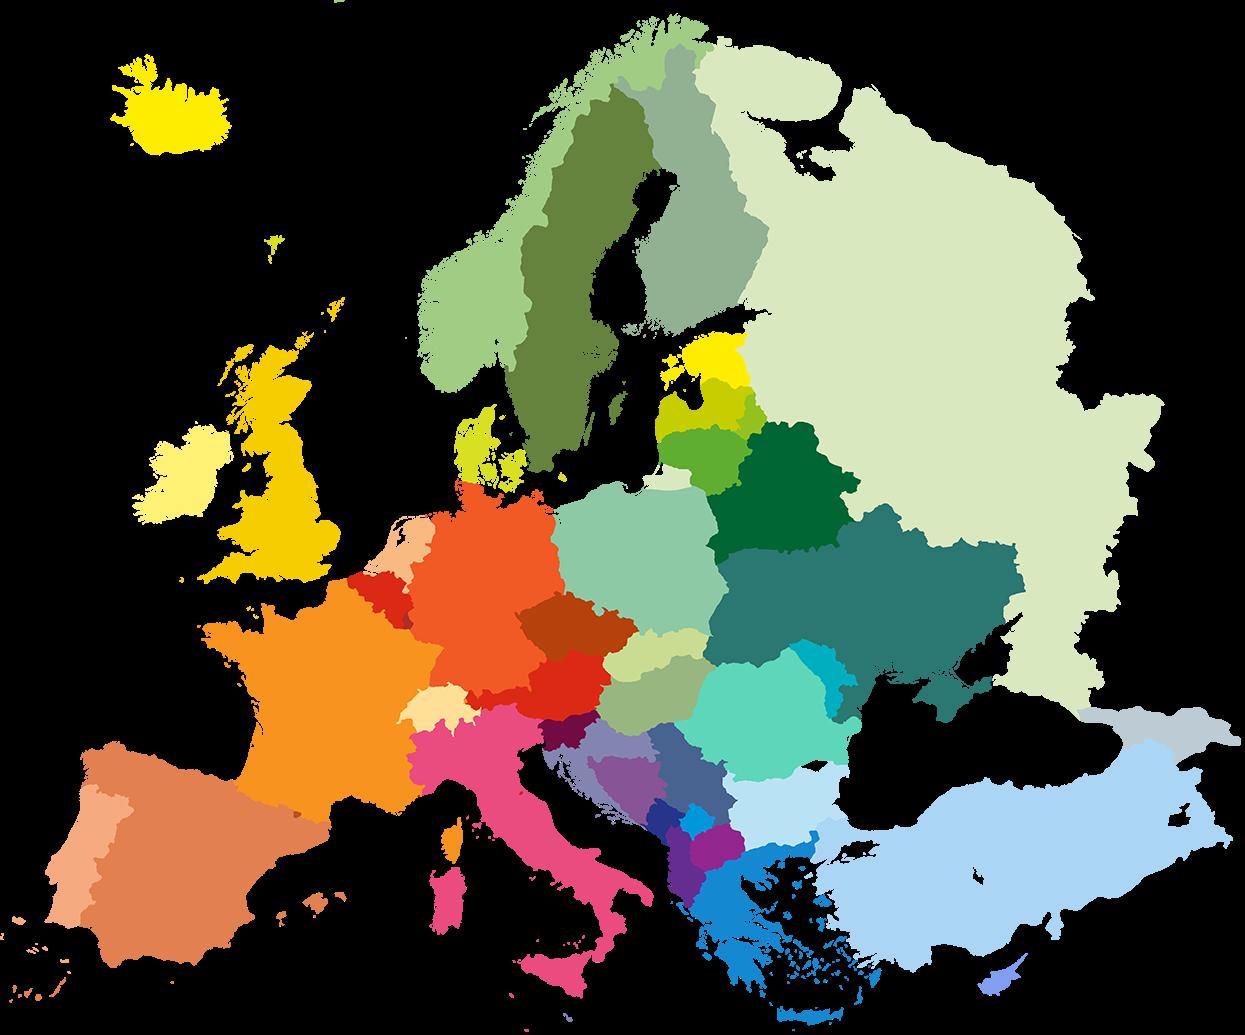 EUROPE ARSIV - RayHaber